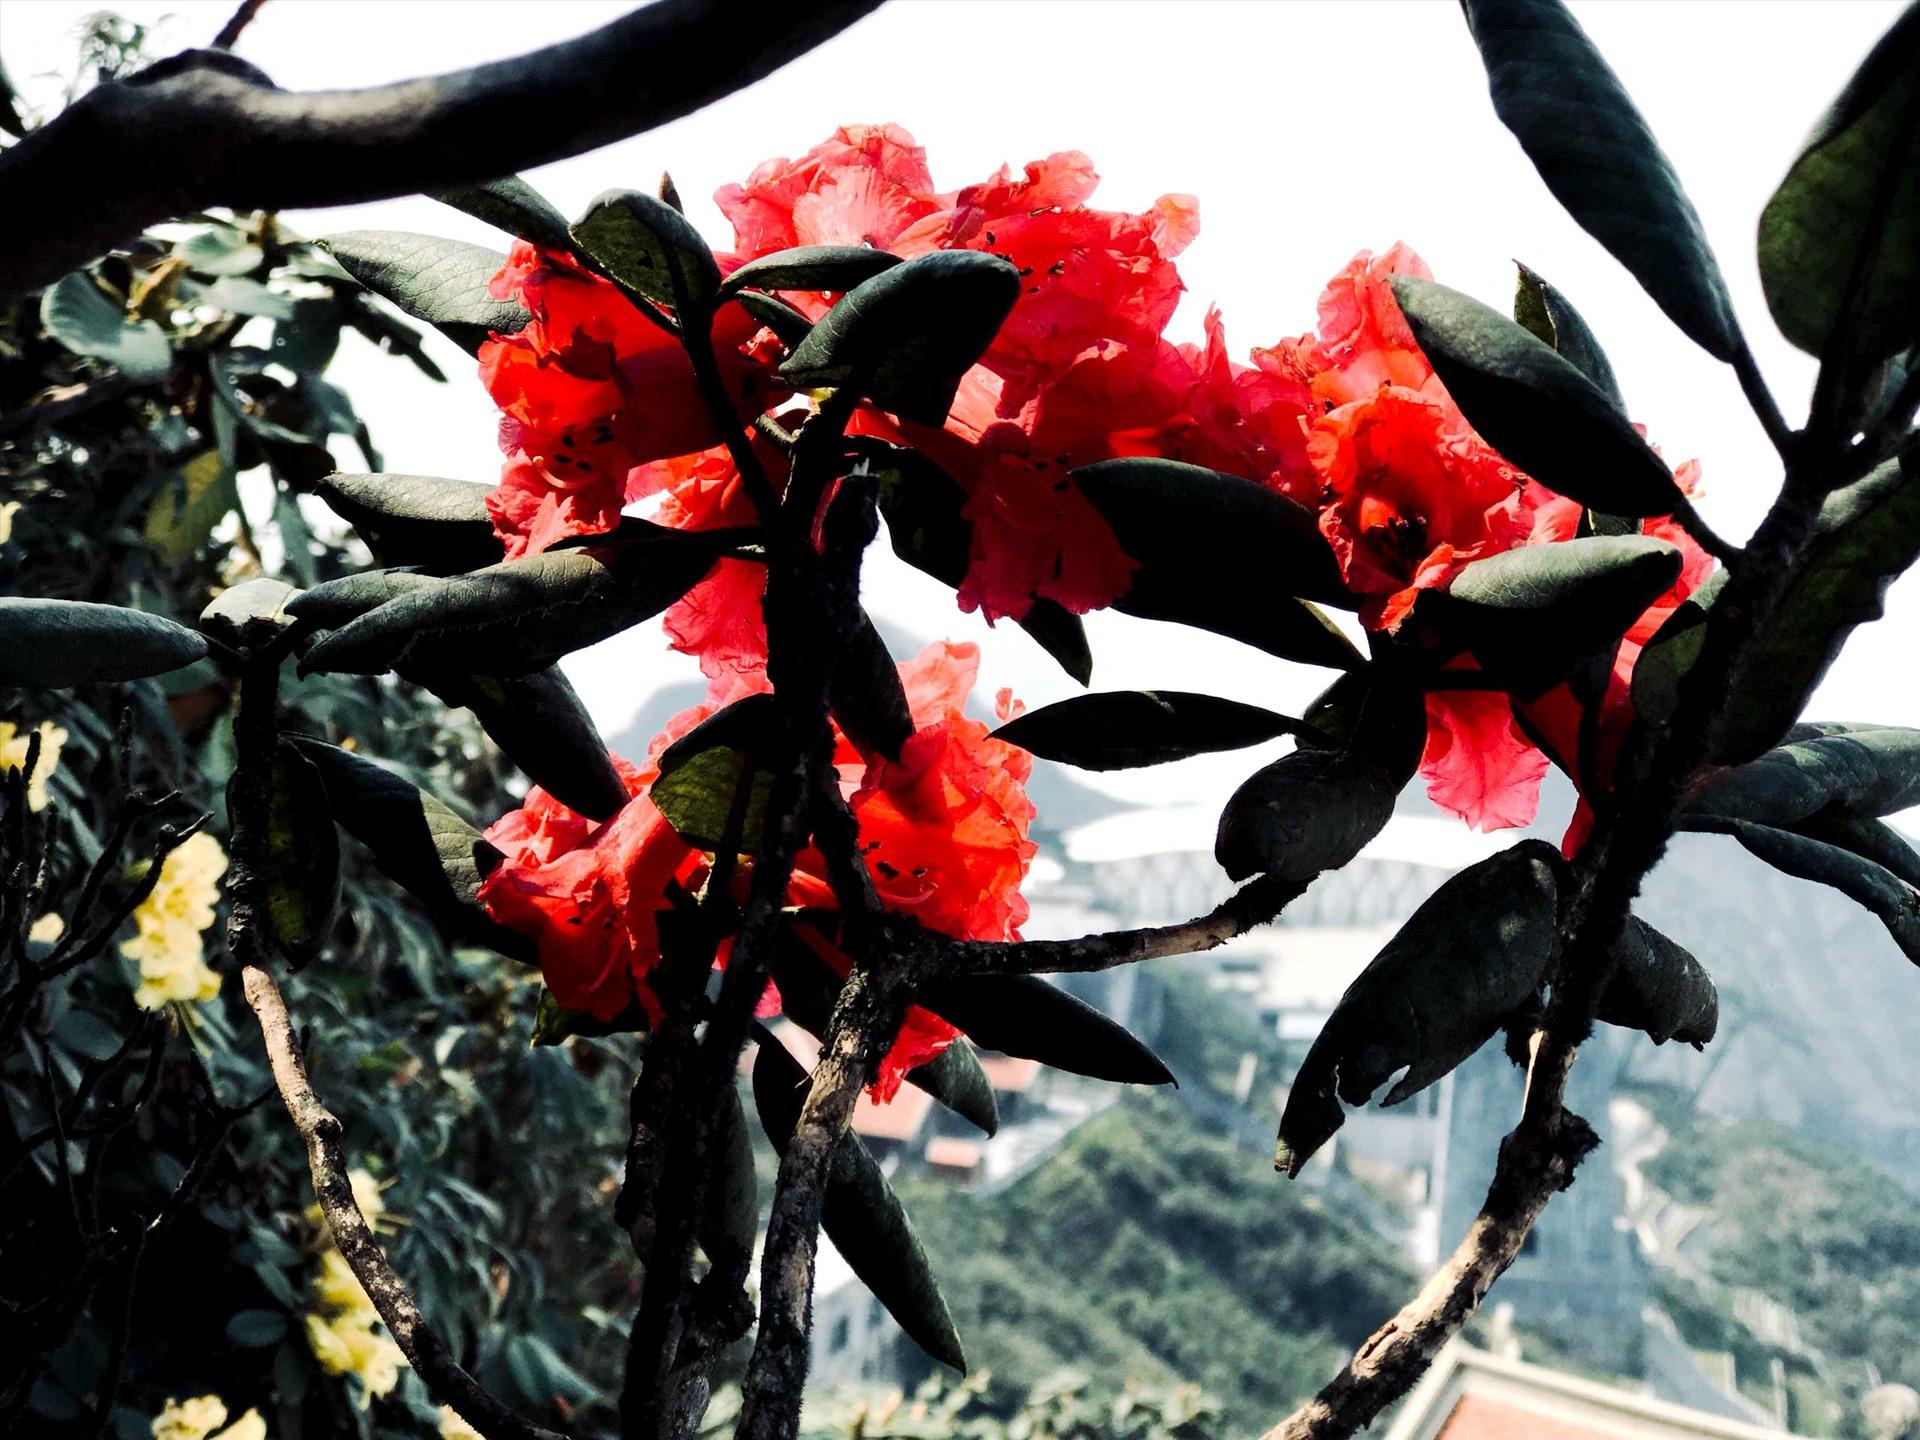 """Khác với hoa ban mong manh, yểu điệu, """"nữ hoàng"""" đỗ quyên sở hữu vẻ đẹp căng tràn sức sống pha chút mạnh mẽ, quyền lực với nhiều màu sắc."""